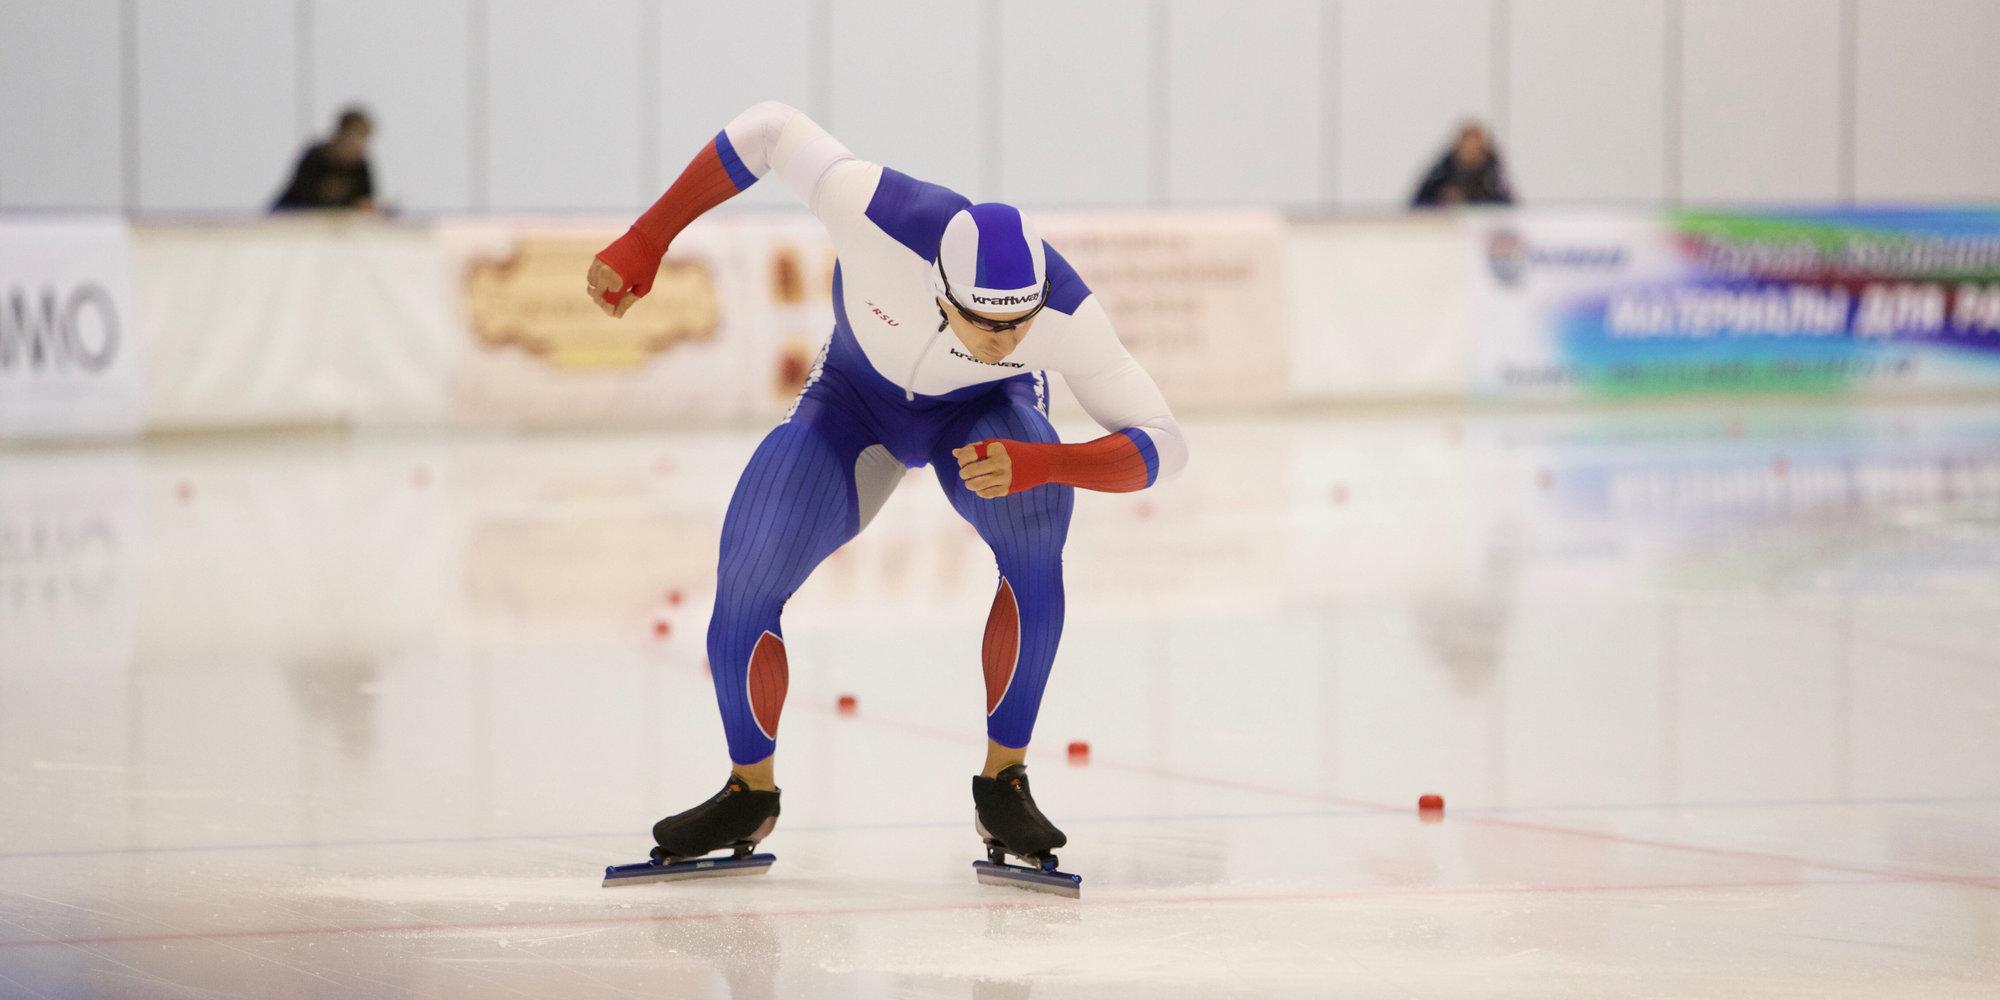 Конькобежец Юсков надистанции 1500 метров установил мировой рекорд